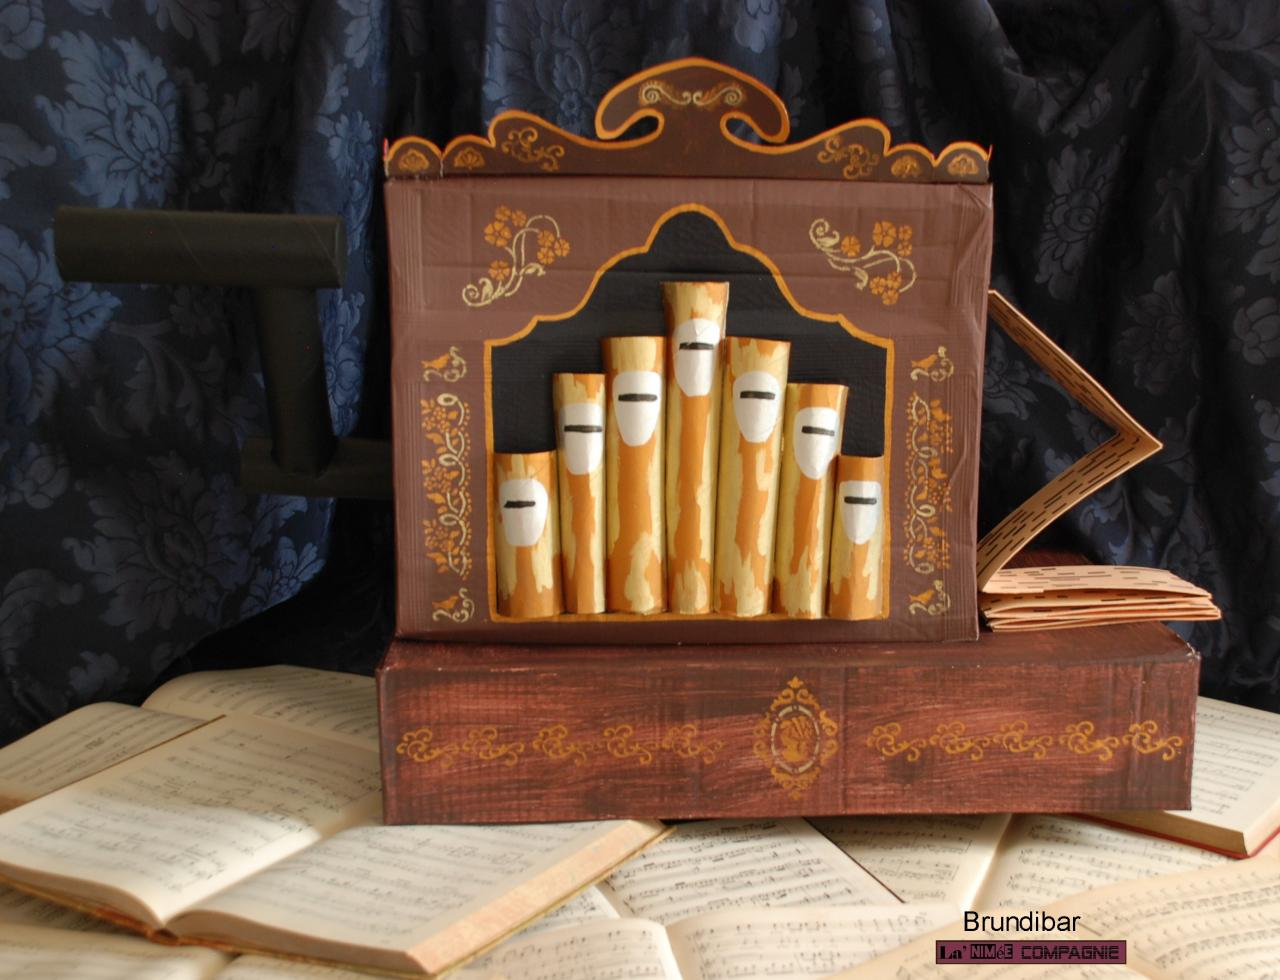 L'orgue de barbarie Brundibar